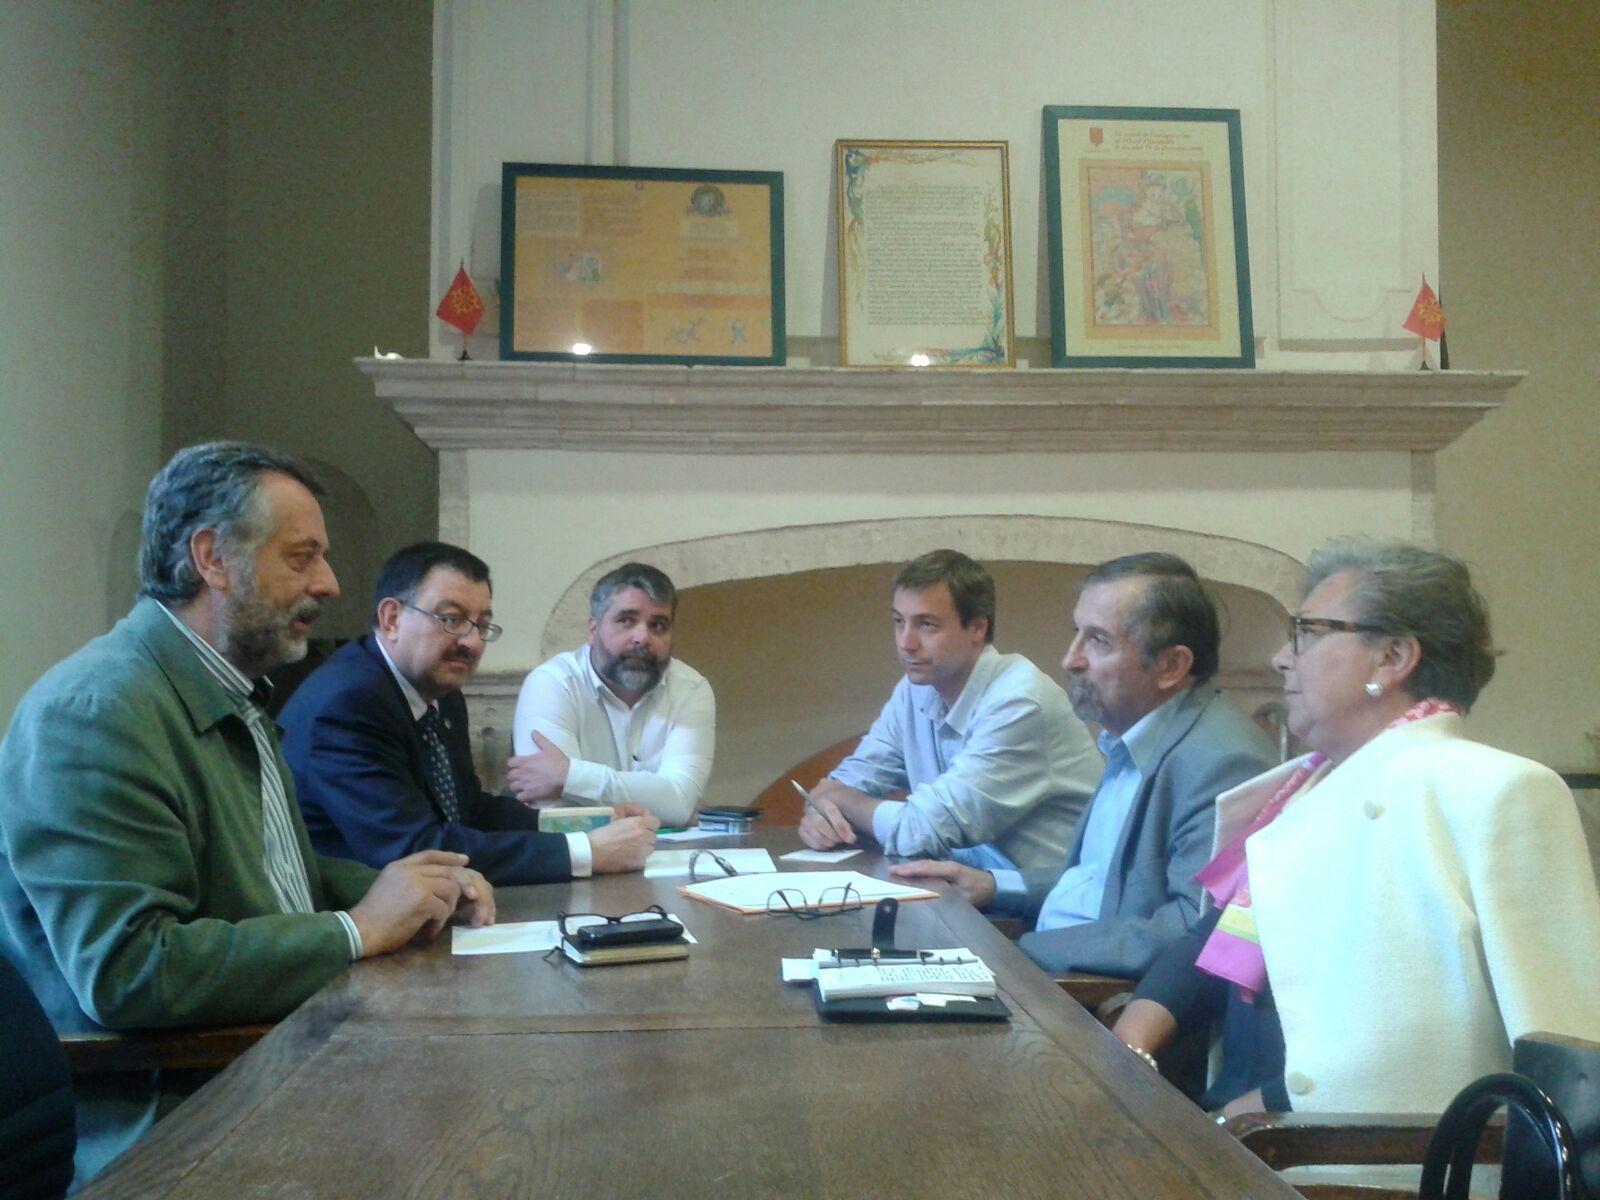 Relacions Entre Era Acadèmia Aranesa Dera Lengua Occitana E Eth Congrès Permanent De La Lenga Occitana